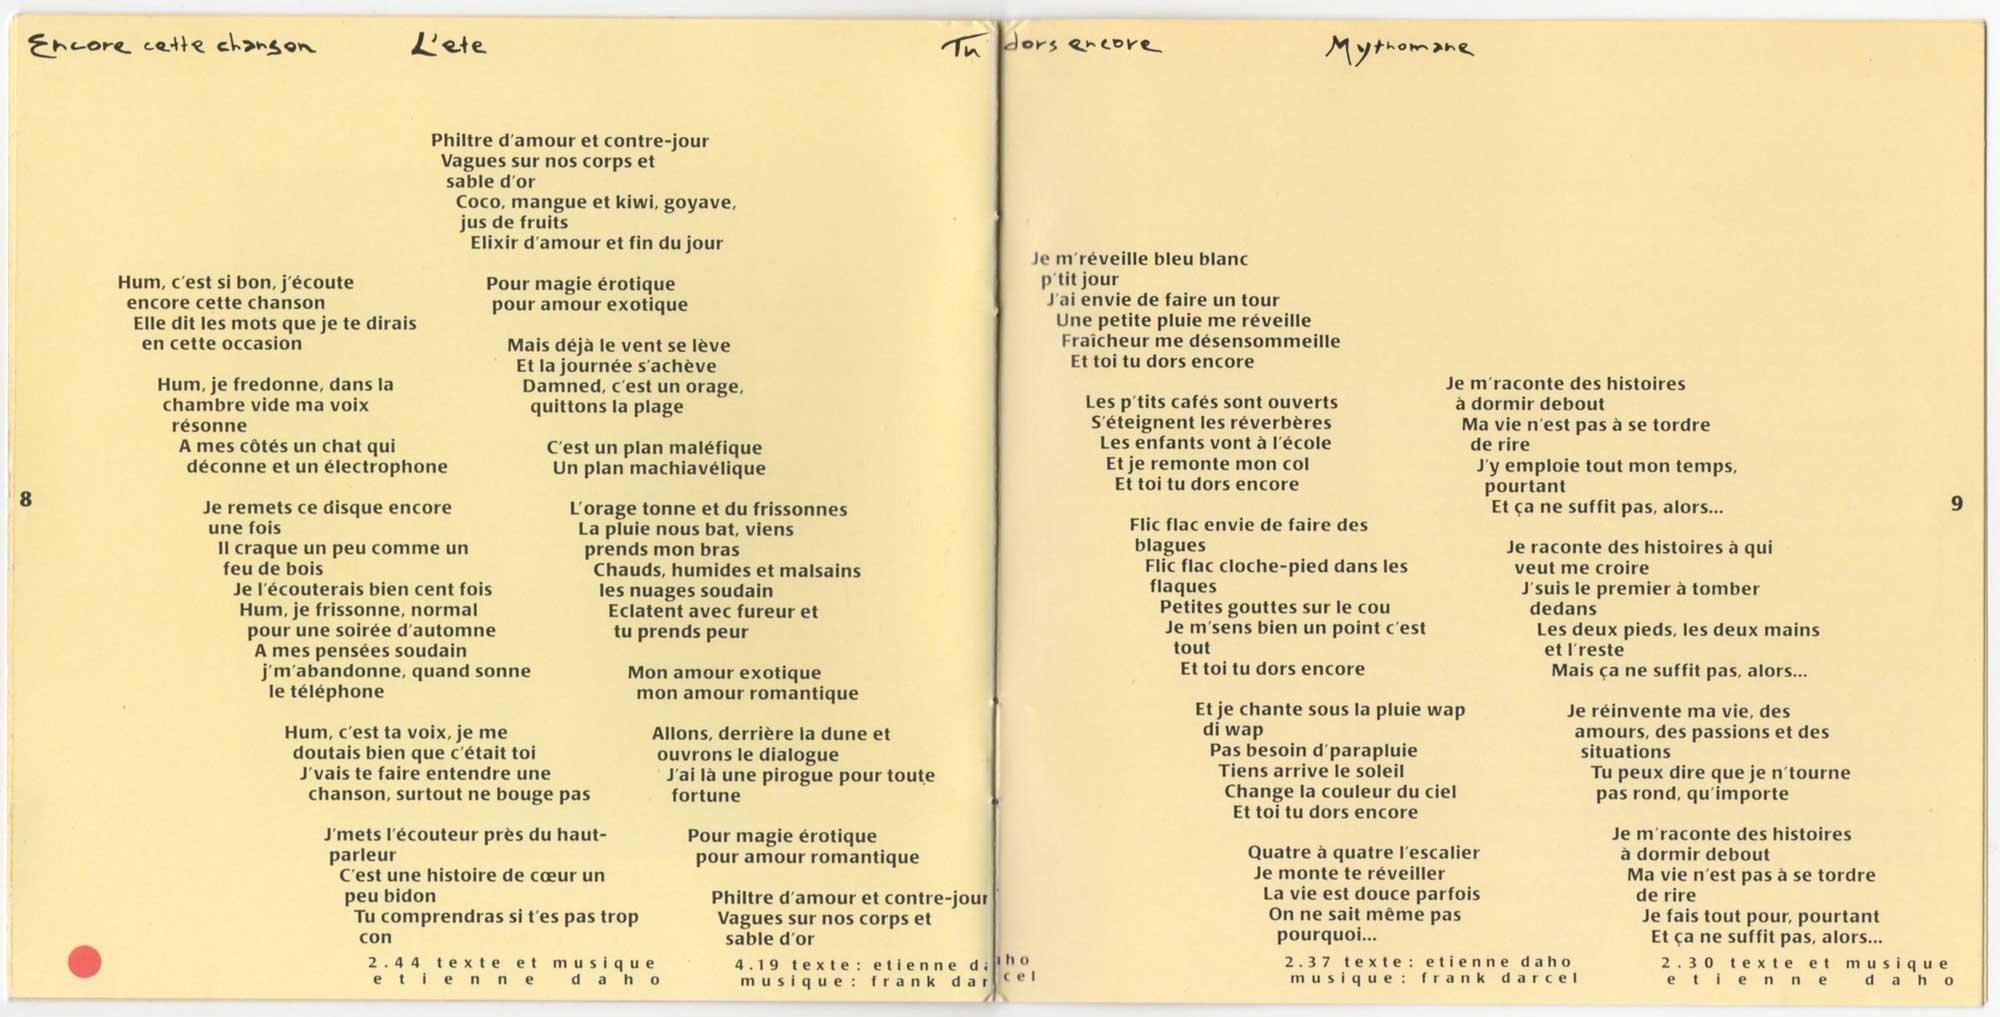 Livret page 8-9